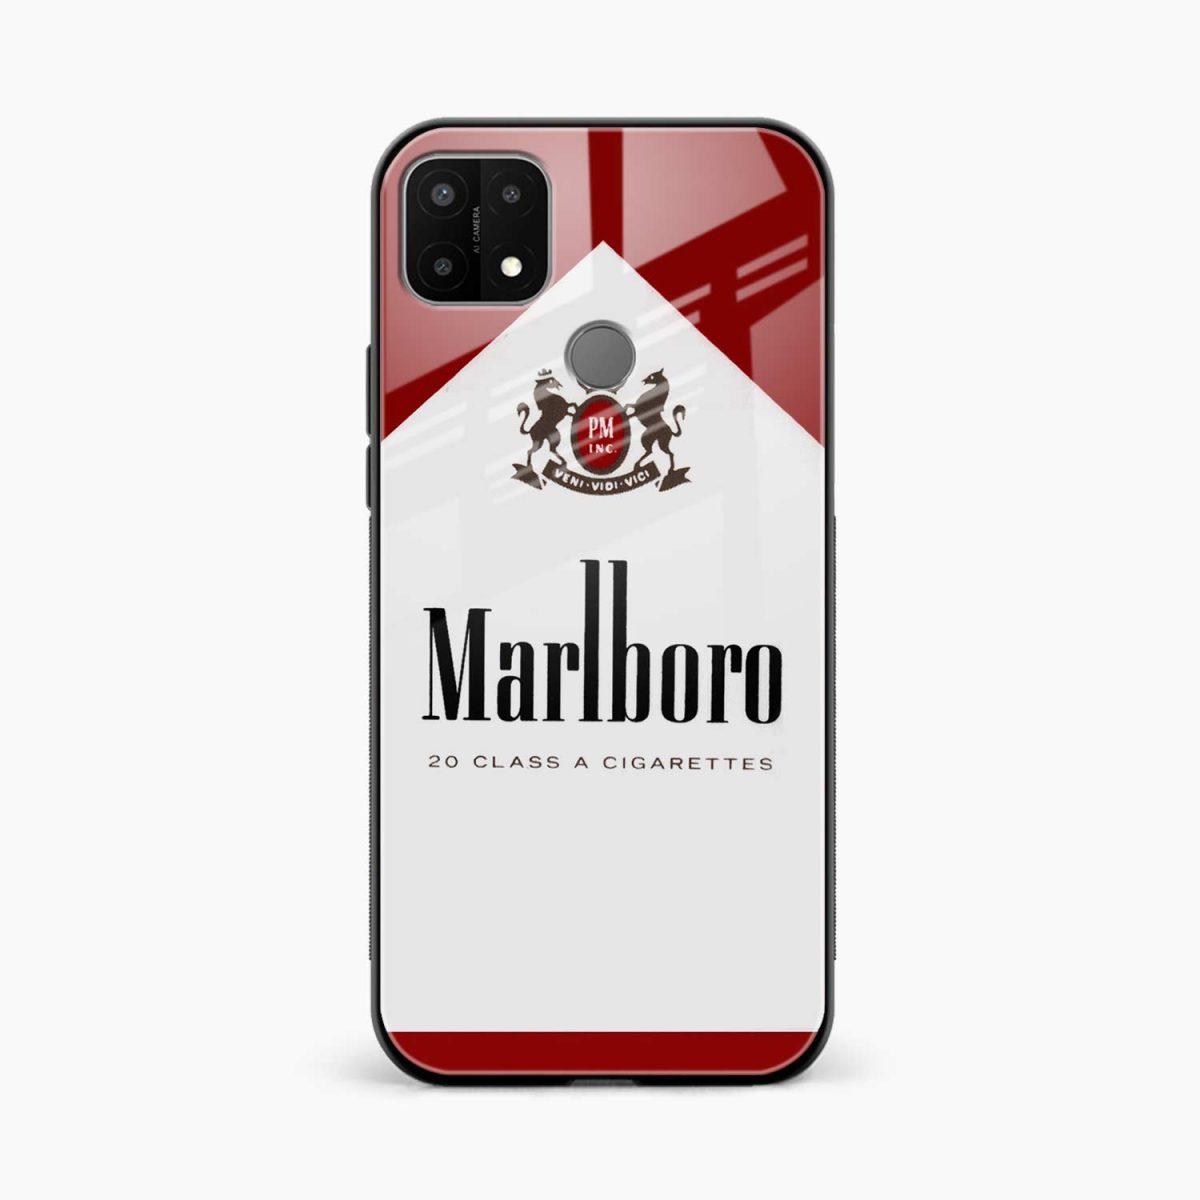 marlboro cigarette box front view oppo a15 back cover